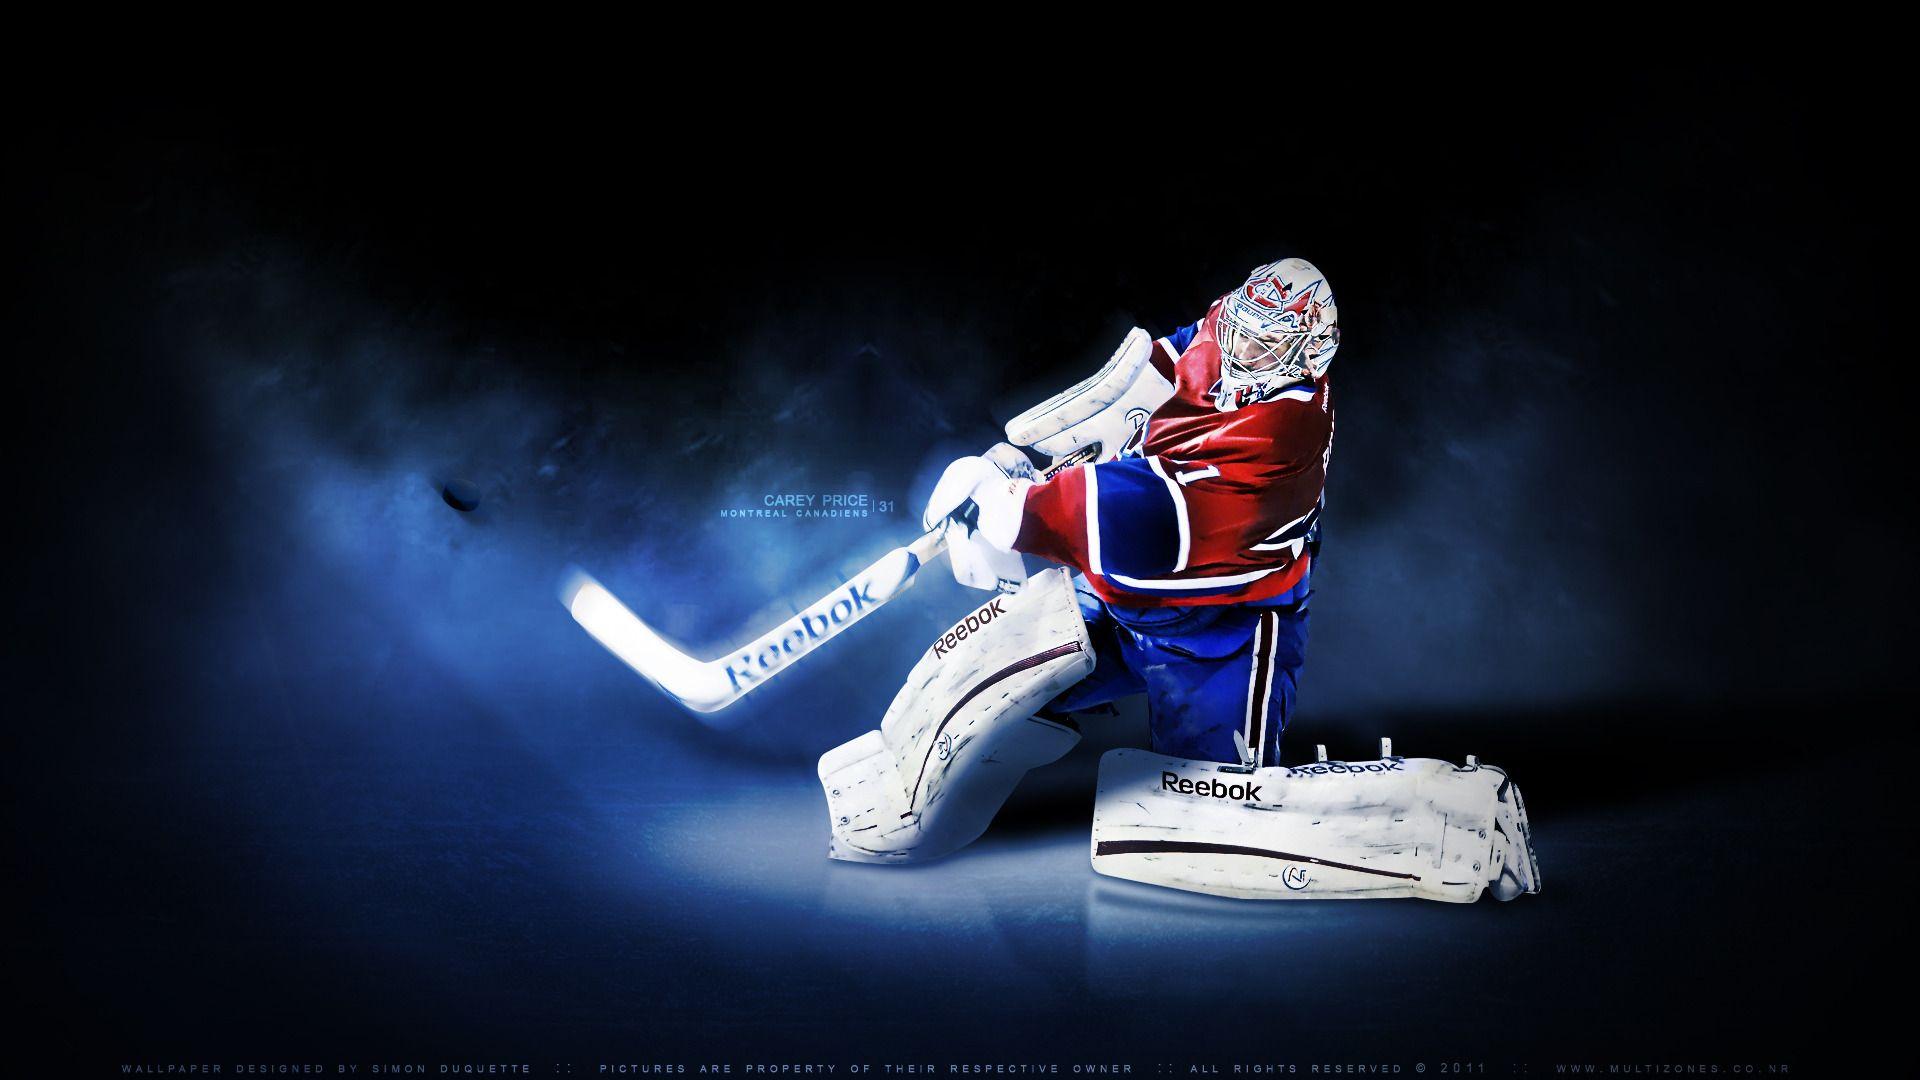 хоккей картинки фоновые высококачественного видео голых